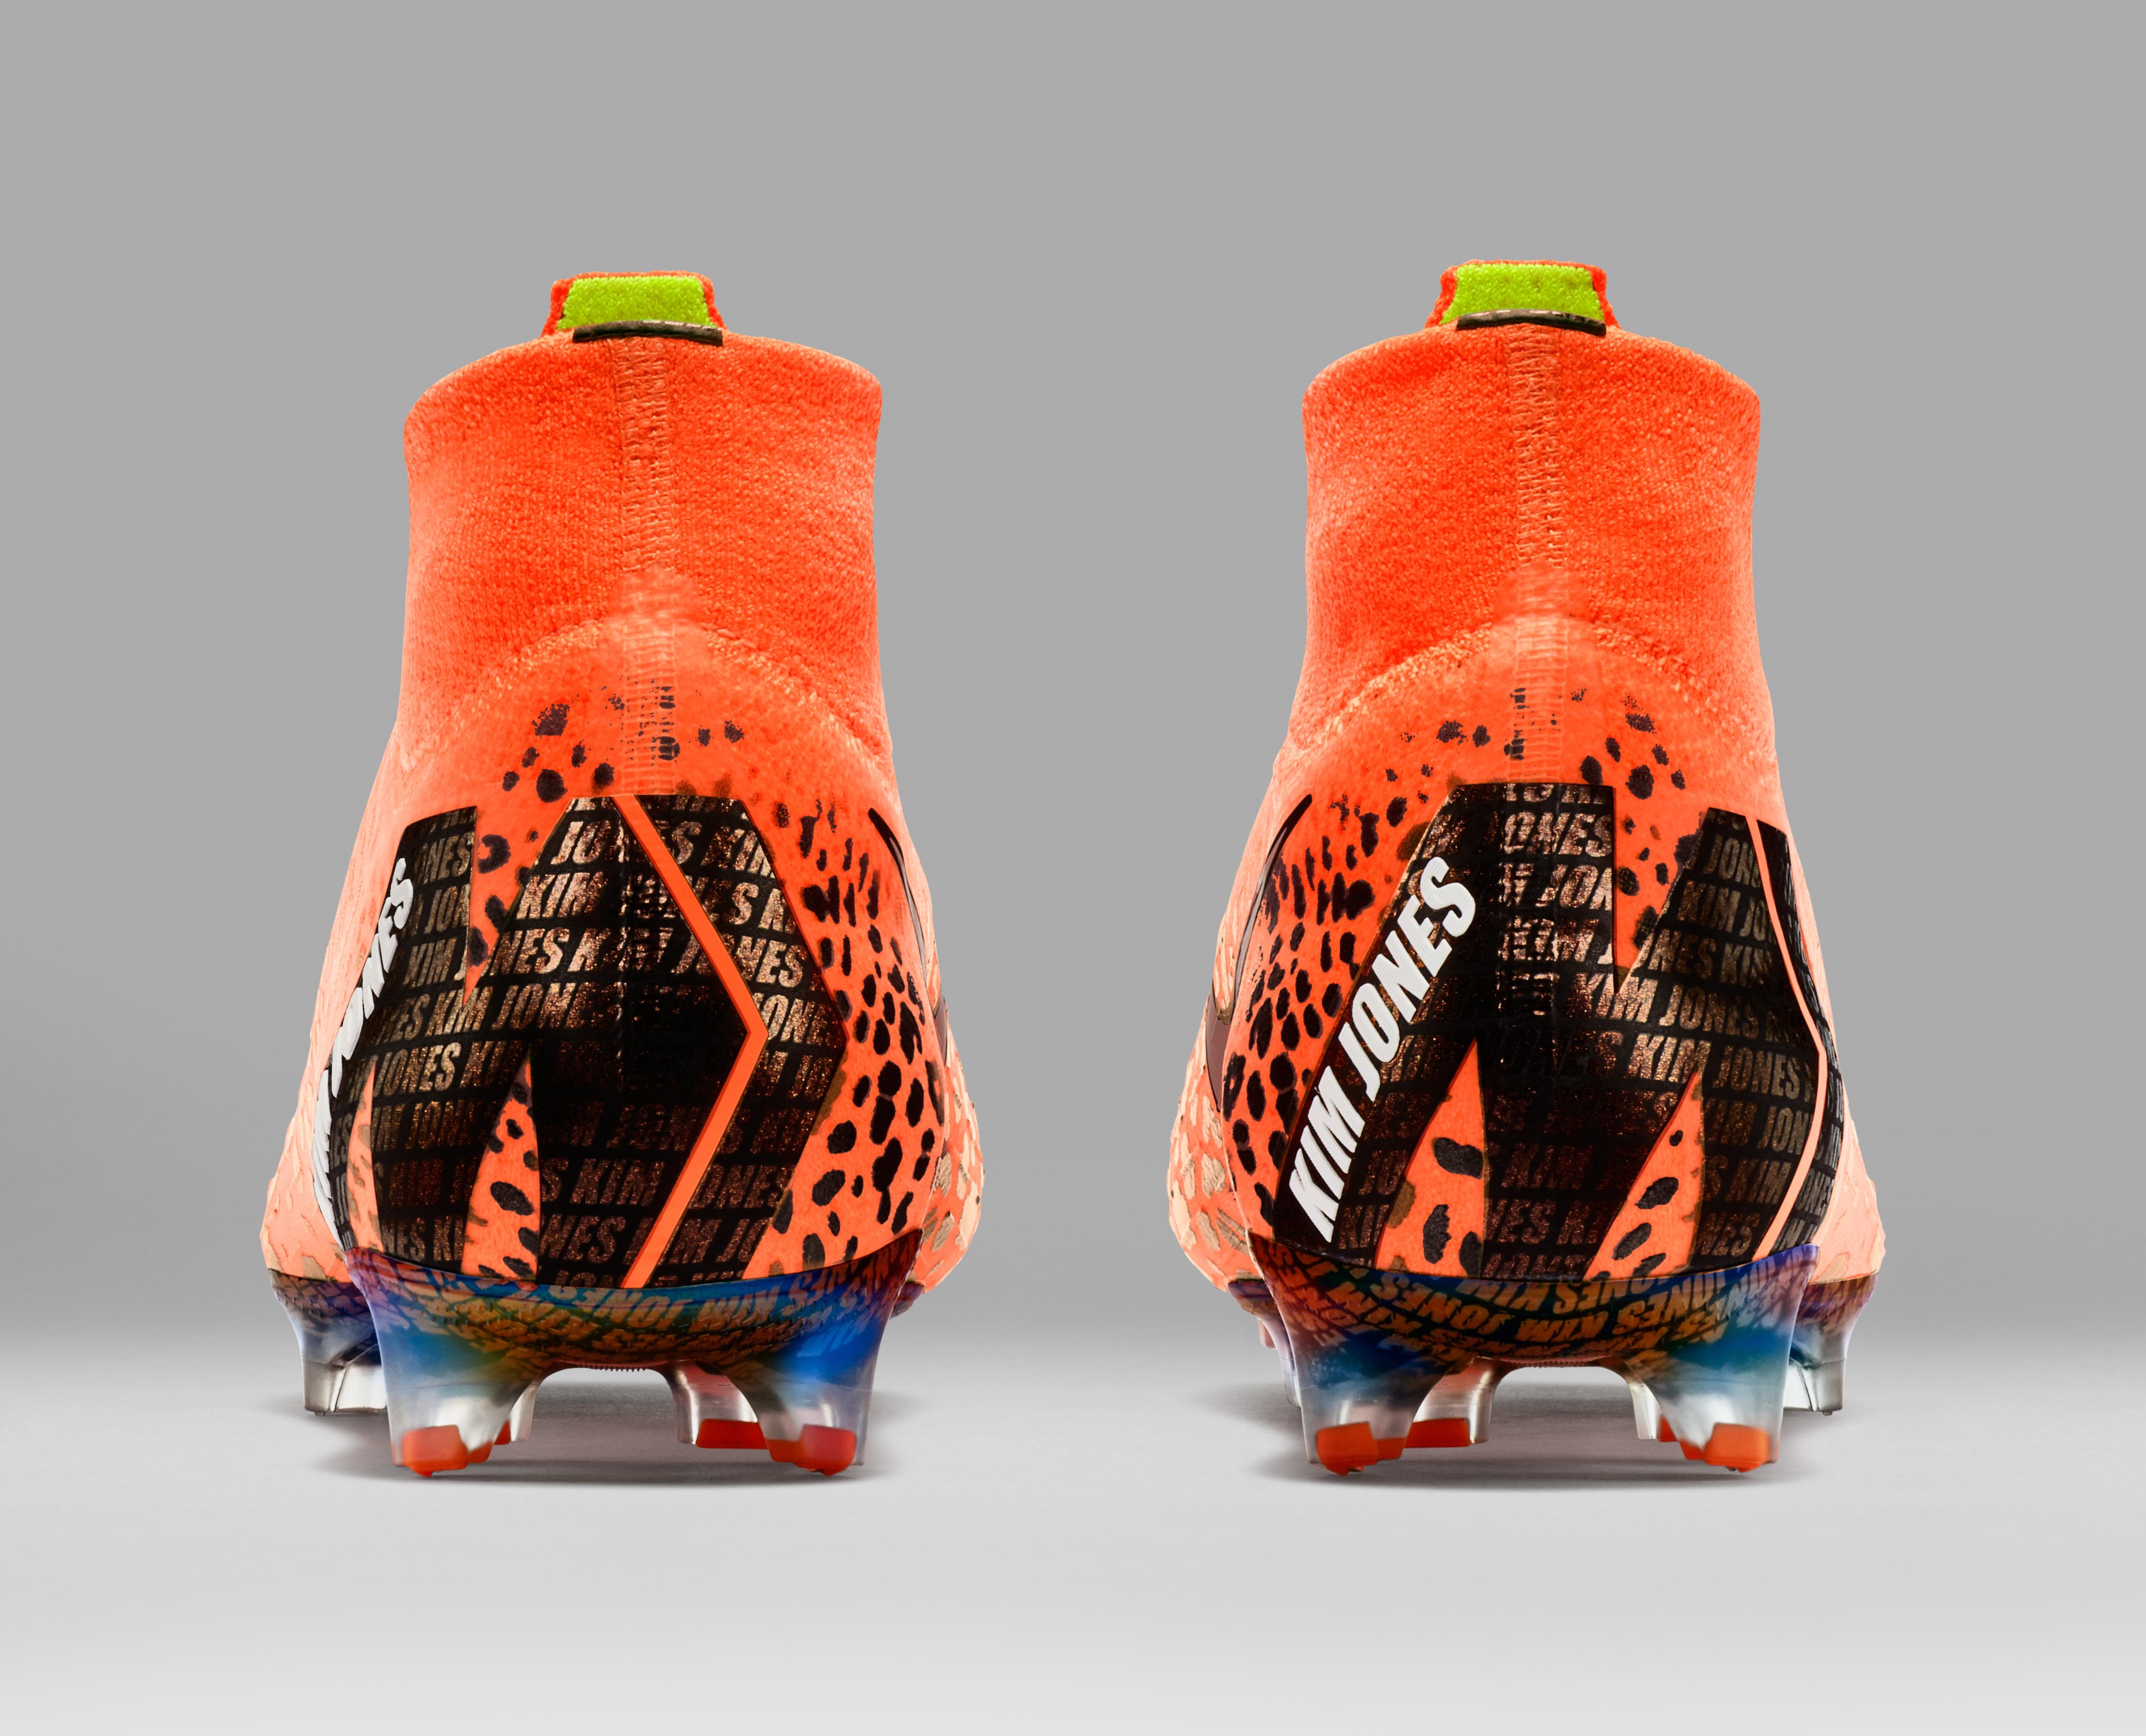 Nike dévoile la Mercurial Superfly 360 imaginée par le designer Kim Jones